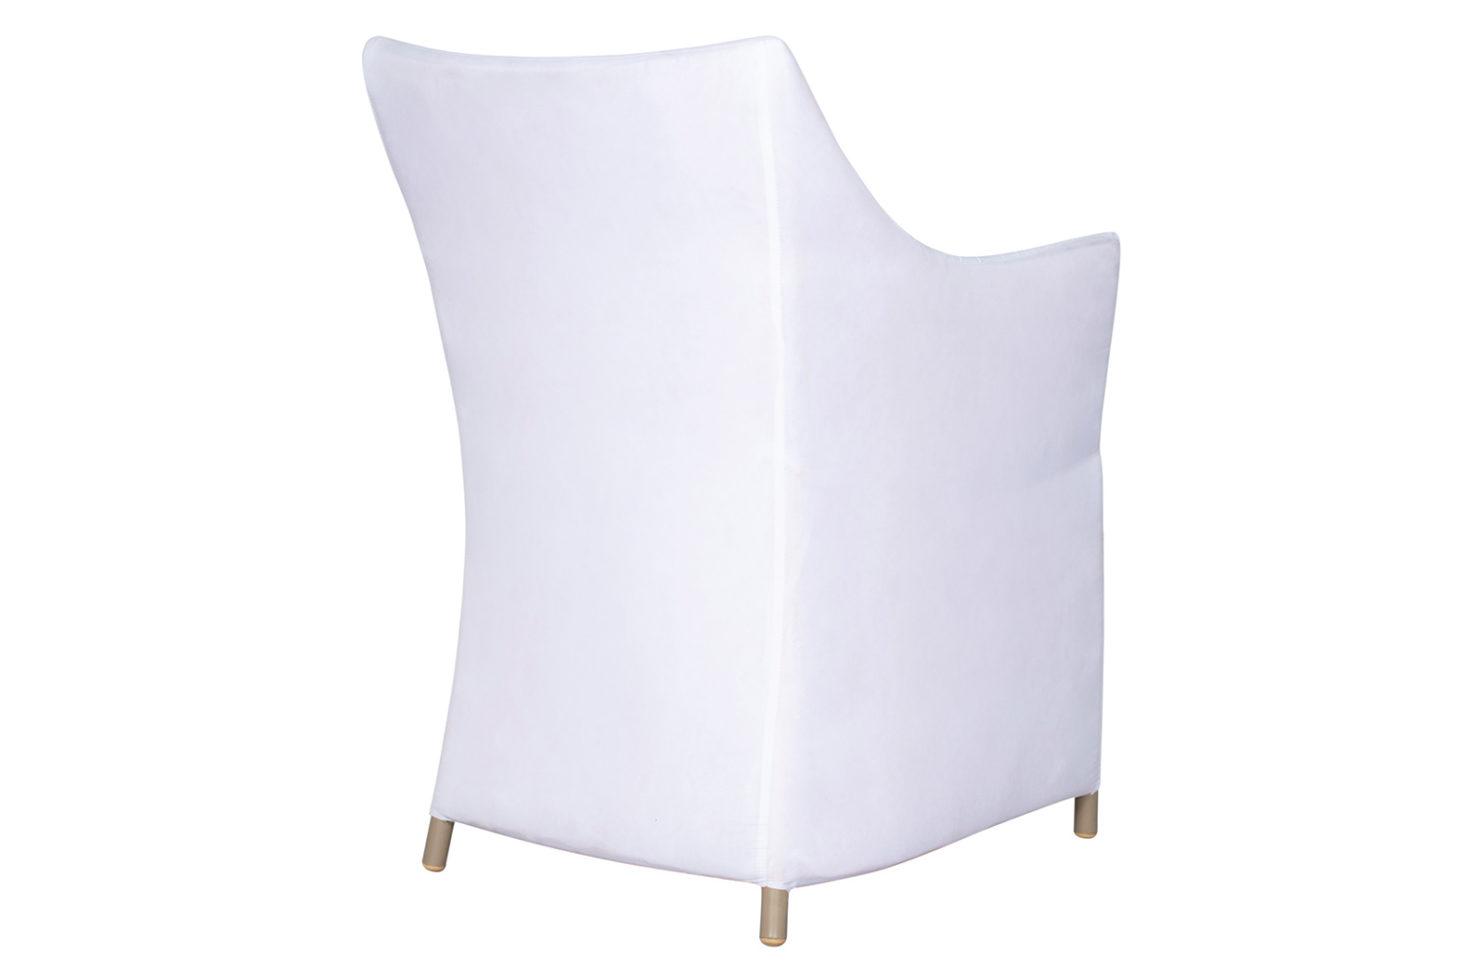 capri dining frame 620FT090P2 1 3Q back